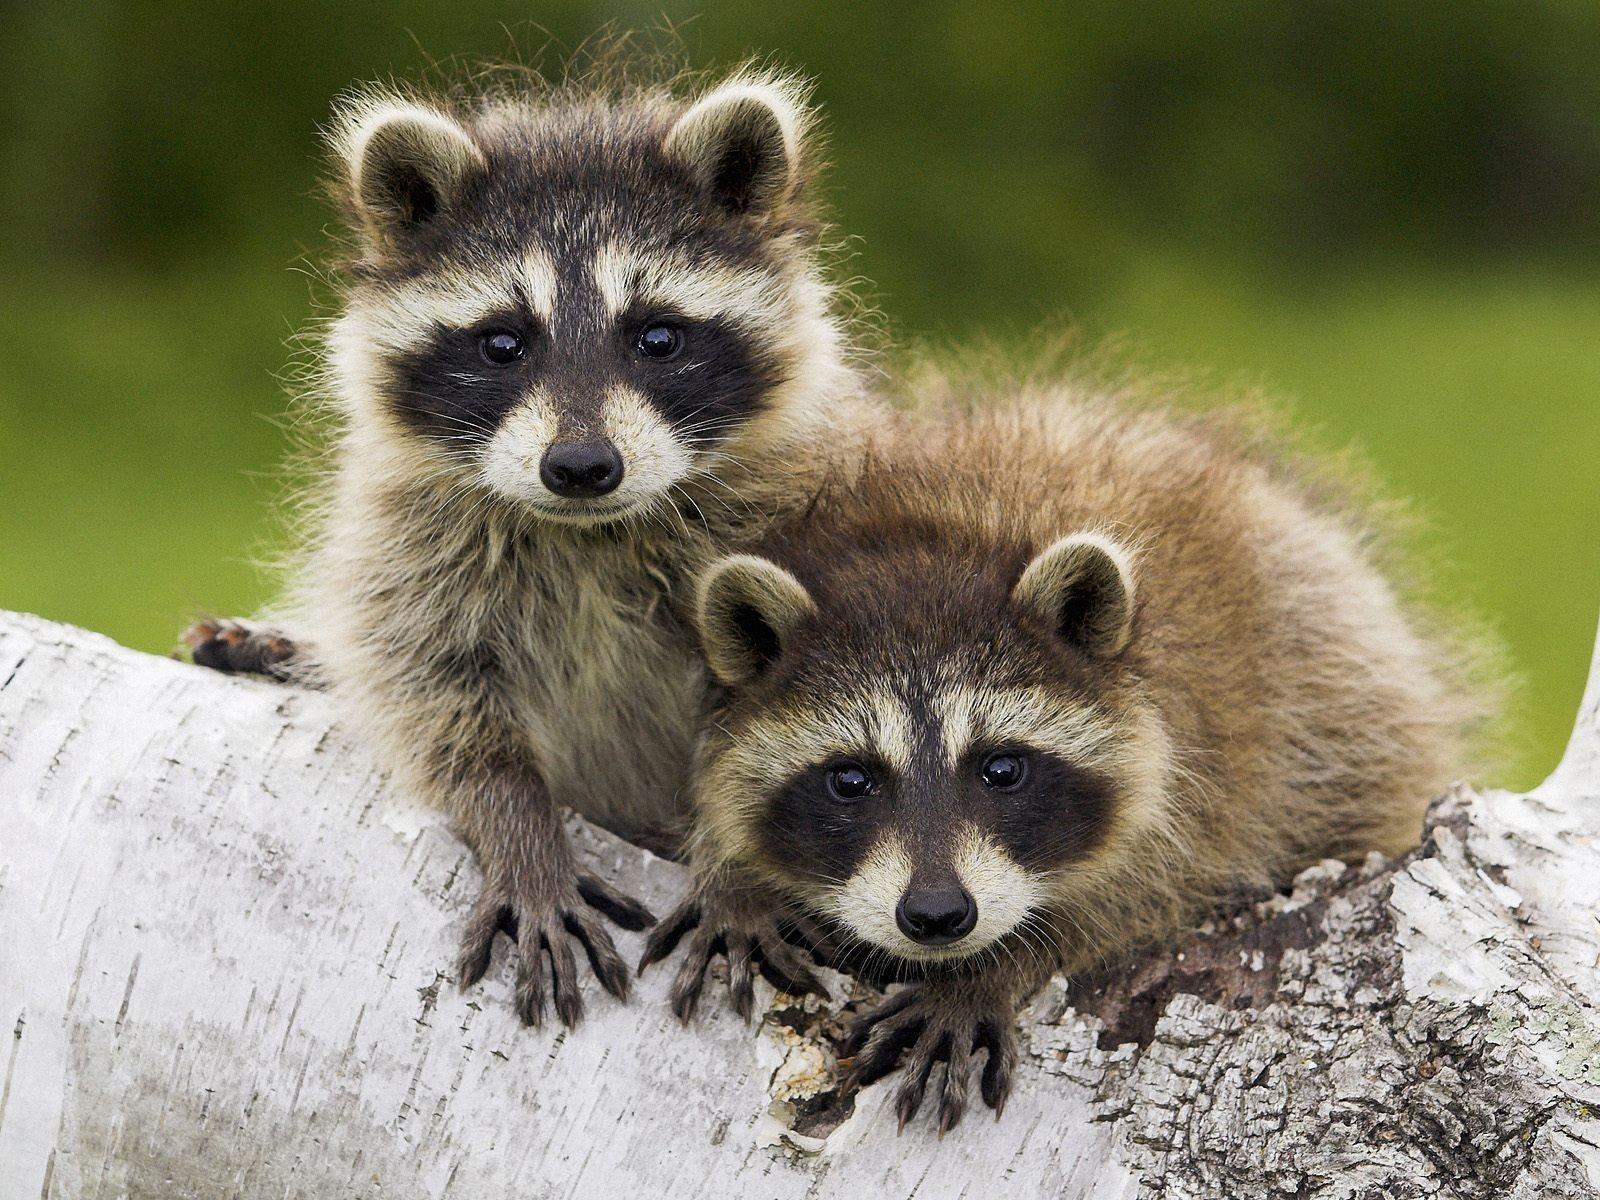 29841 Hintergrundbild herunterladen Tiere, Waschbären - Bildschirmschoner und Bilder kostenlos